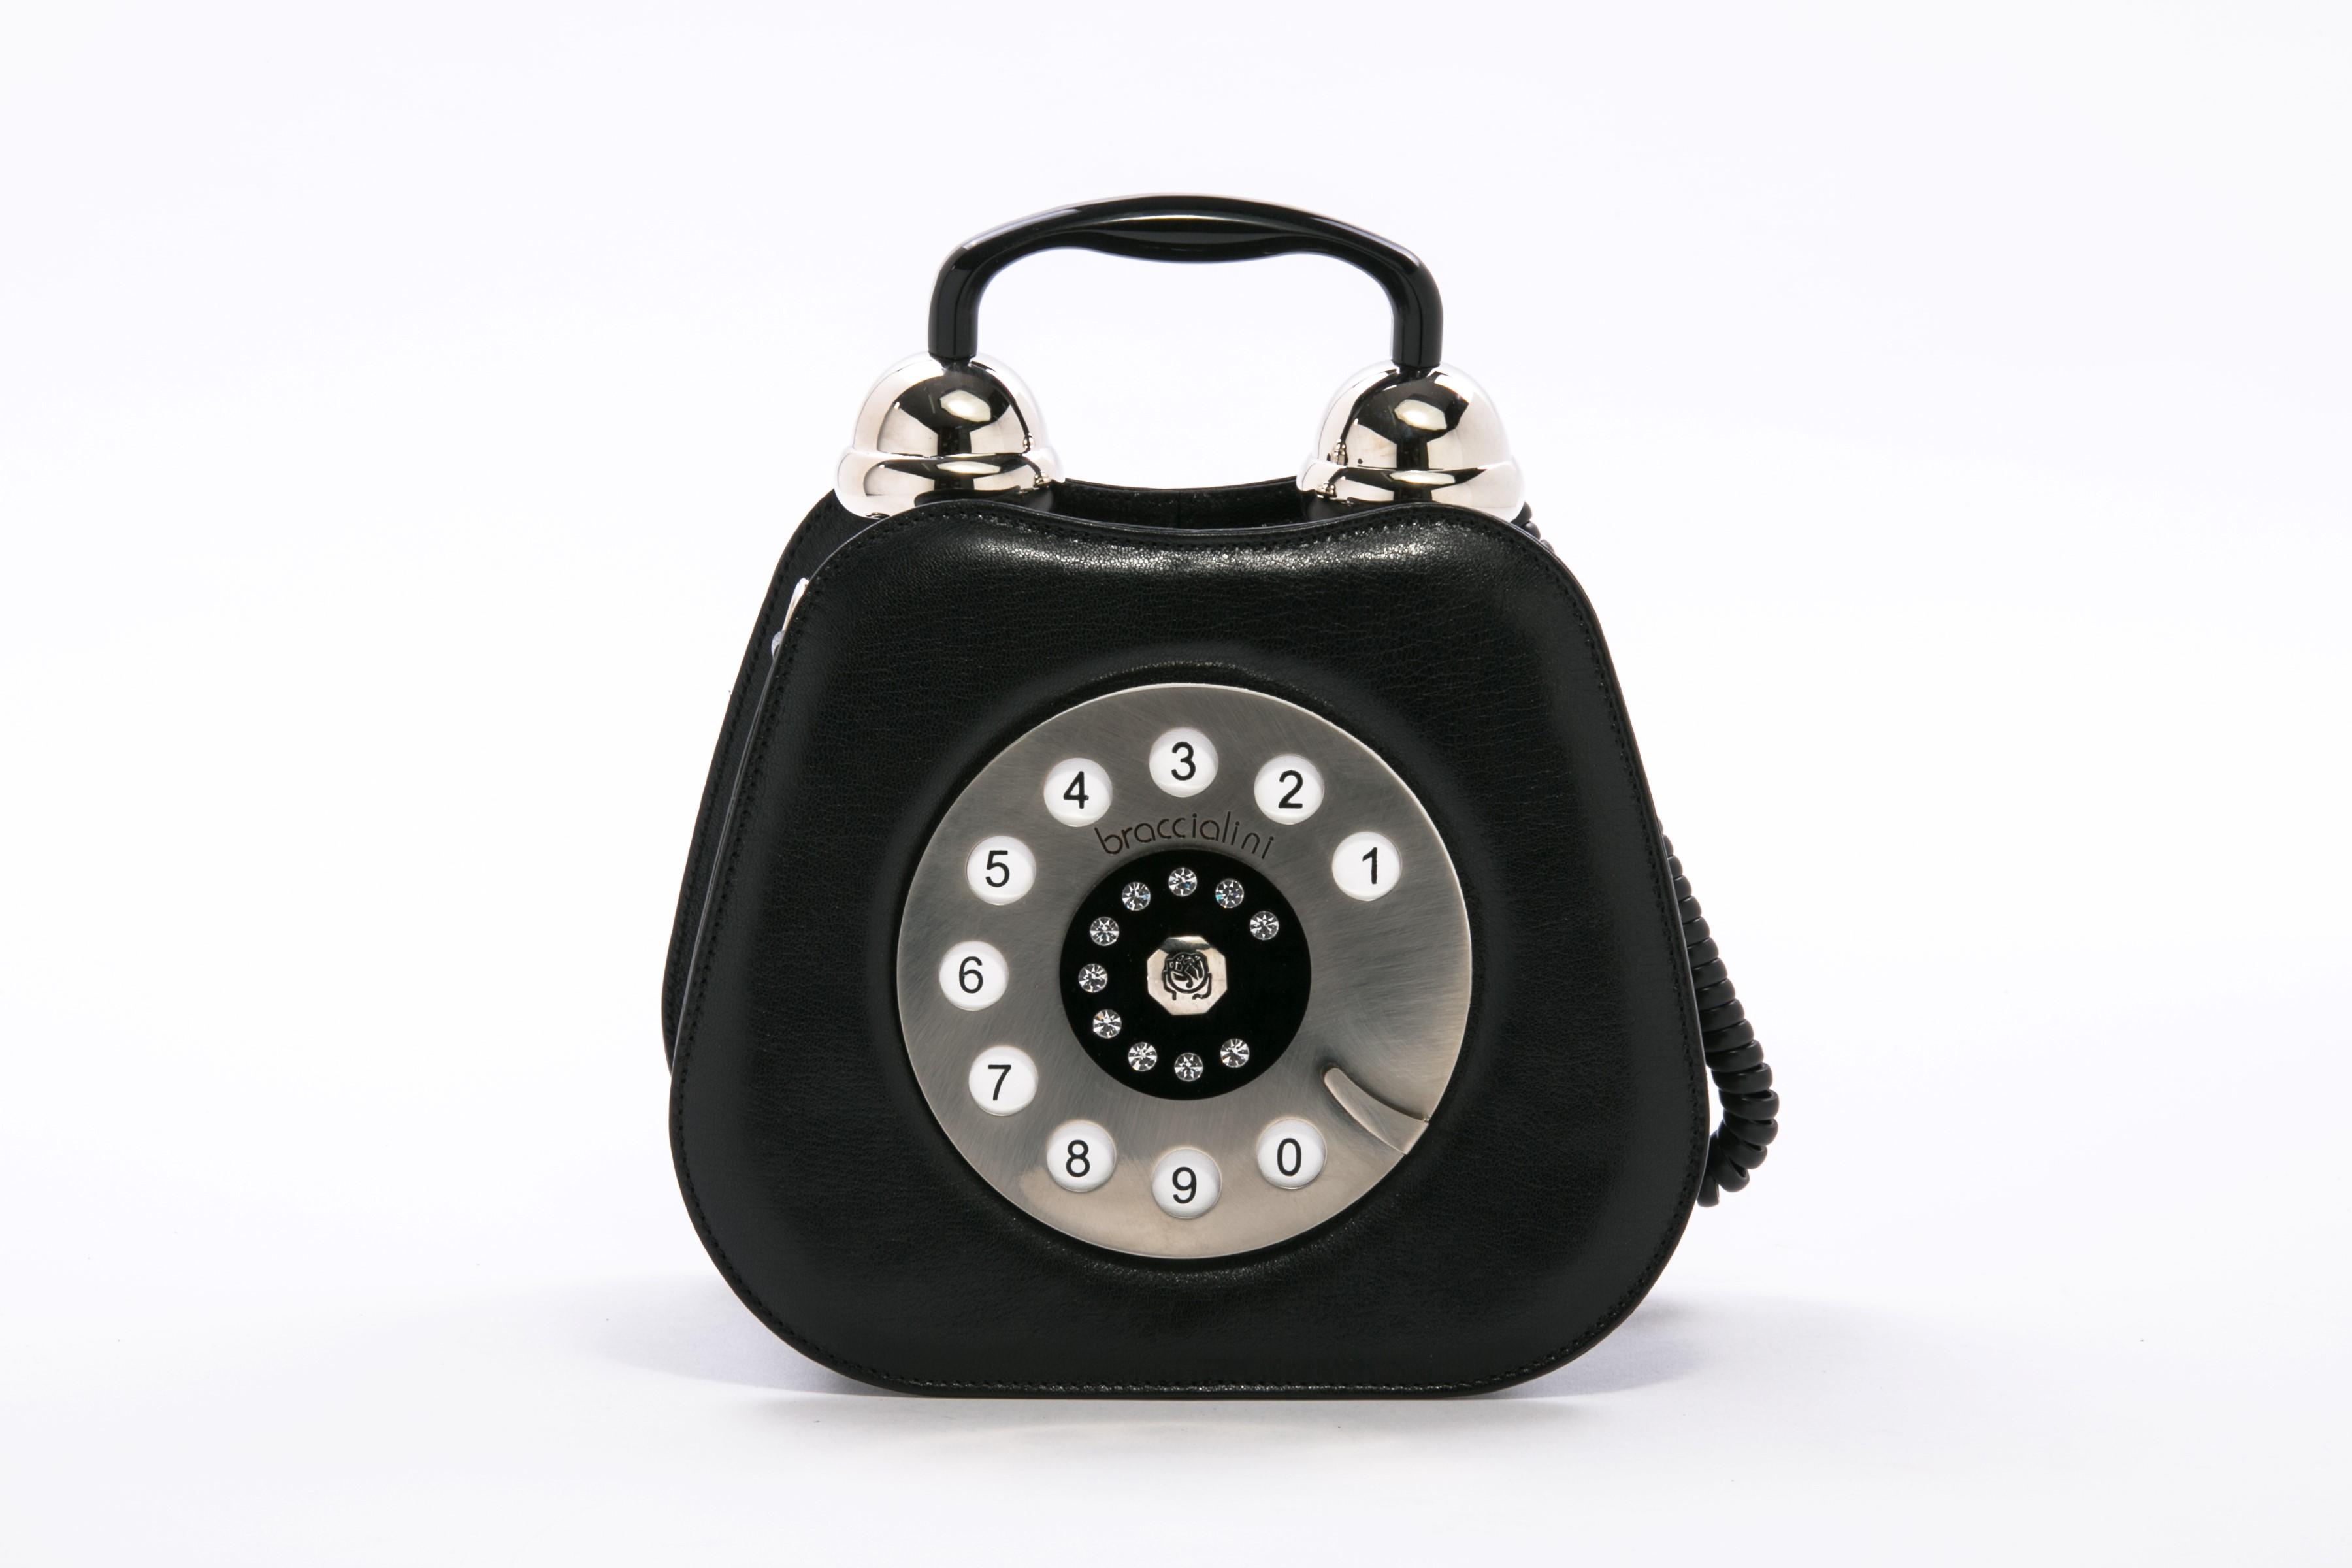 התיק התחפש לטלפון. ל'אפייט. צילום אביב פרסבורגר